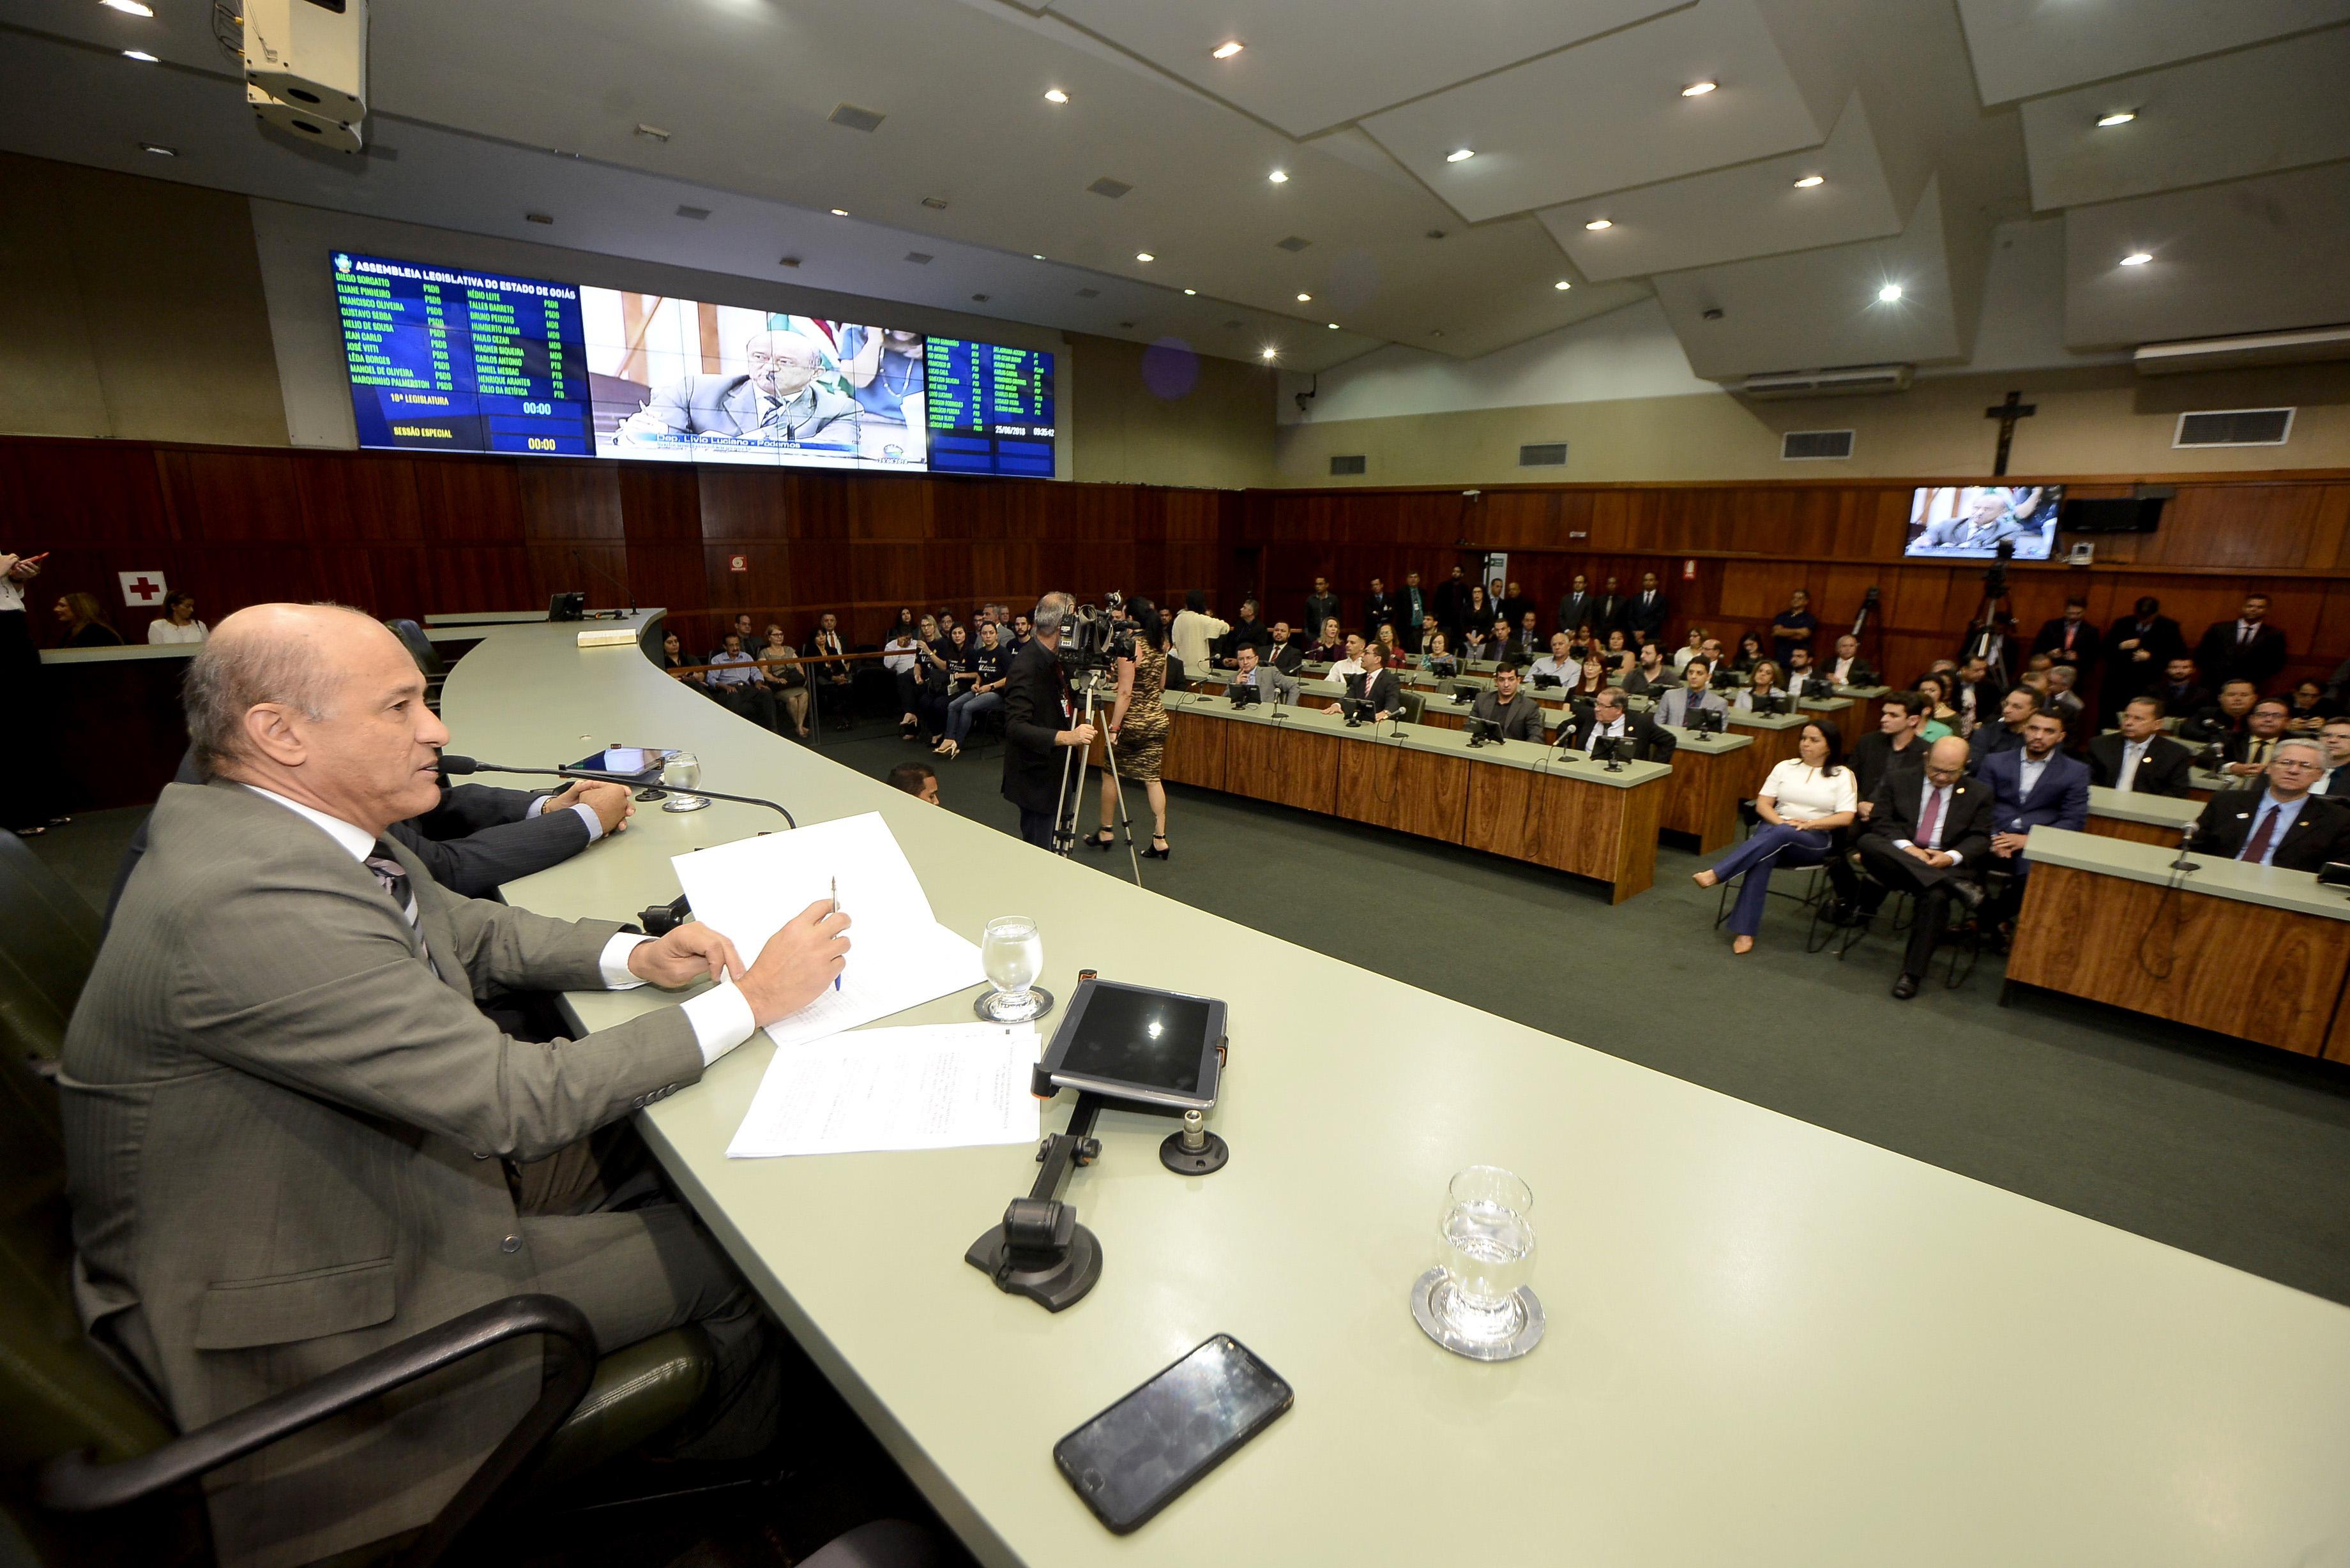 Corretores de imóveis são homenageados na Assembléia Legislativa | Creci-GO